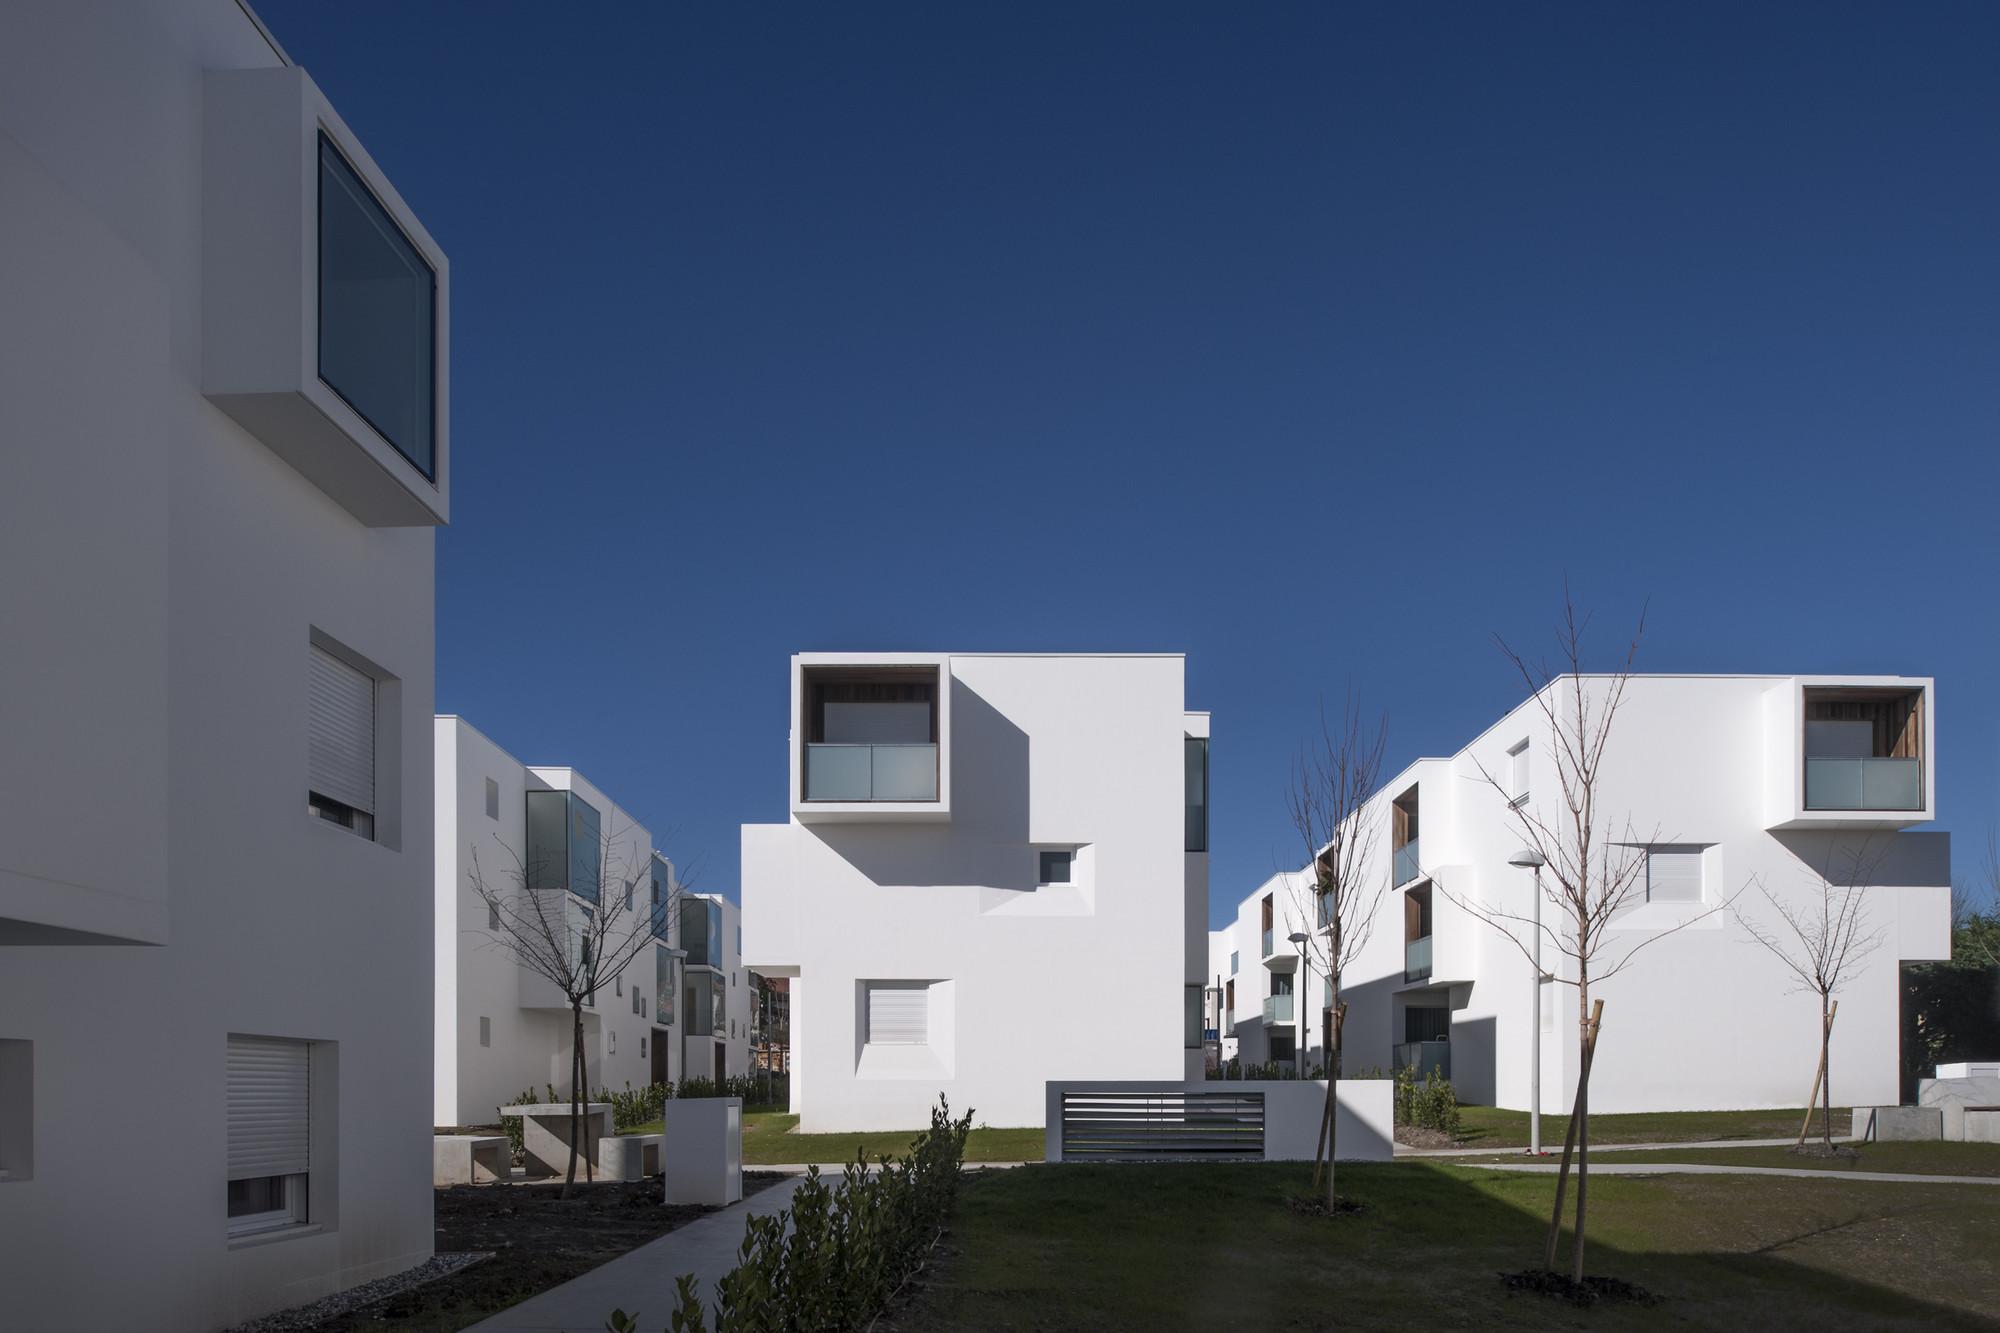 Residencial Jouanicot - Truillet / Leibar Seigneurin Architectes, © Patrick Miara